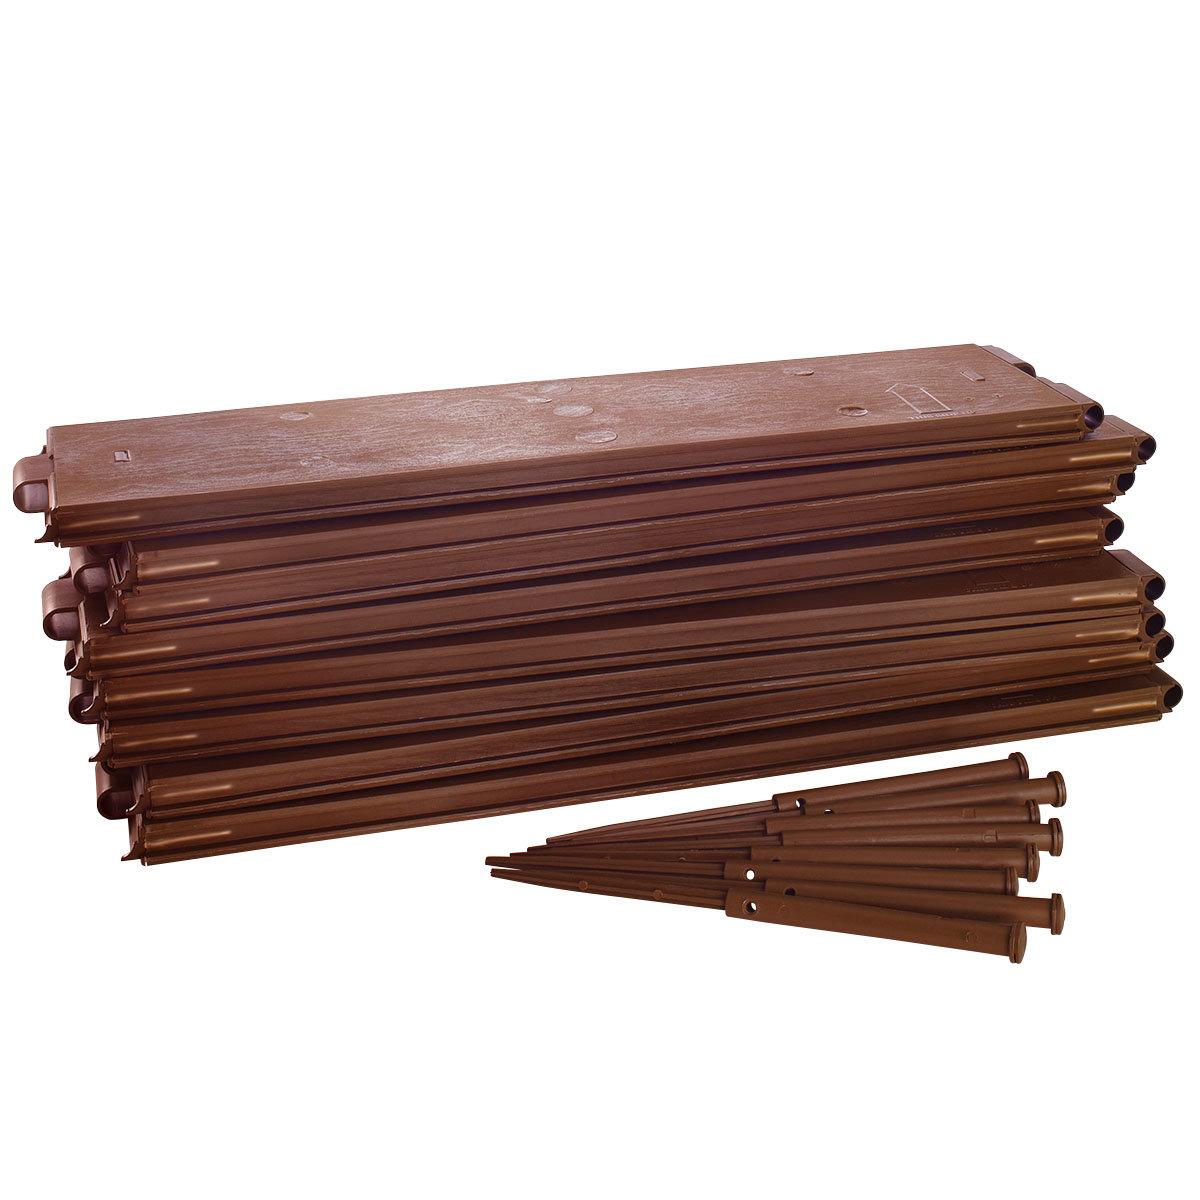 Hochbeet Vario, 8 Platten mit Steckverbindung, je Platte 54,5x14 cm, aus Kunststoff | #8